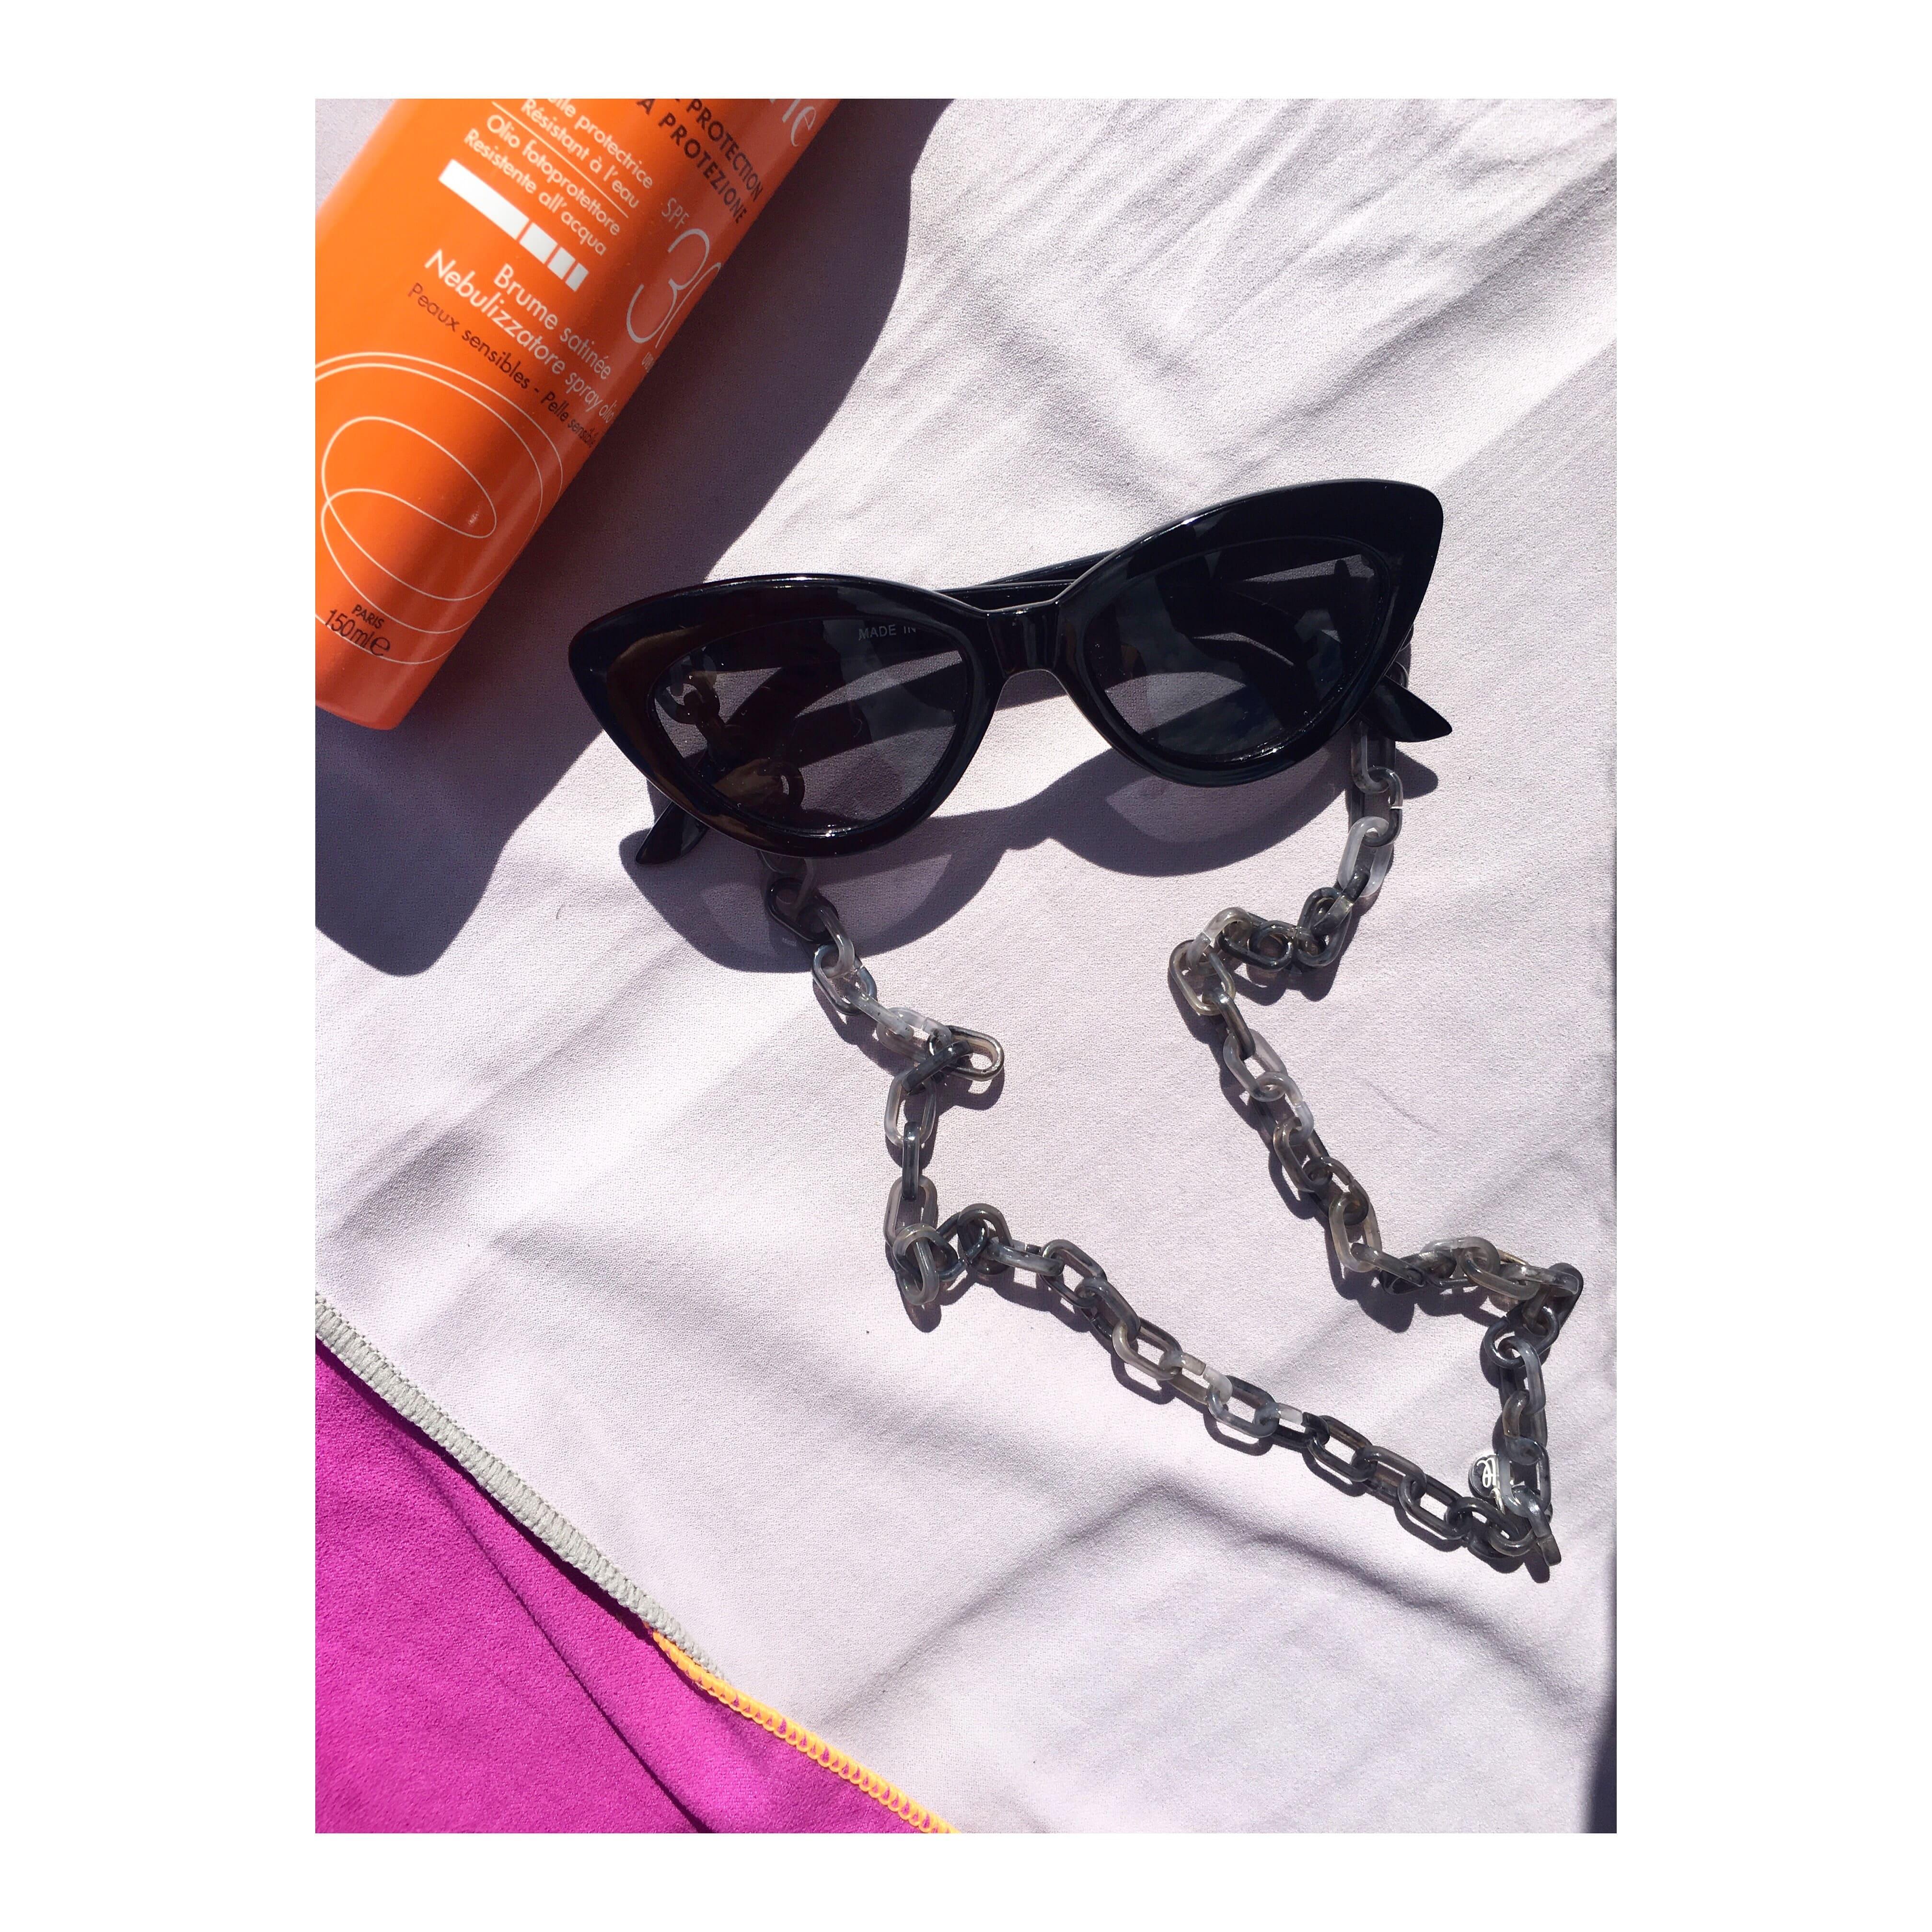 Sunglasschain mit Kettengliedern aus Acetat.